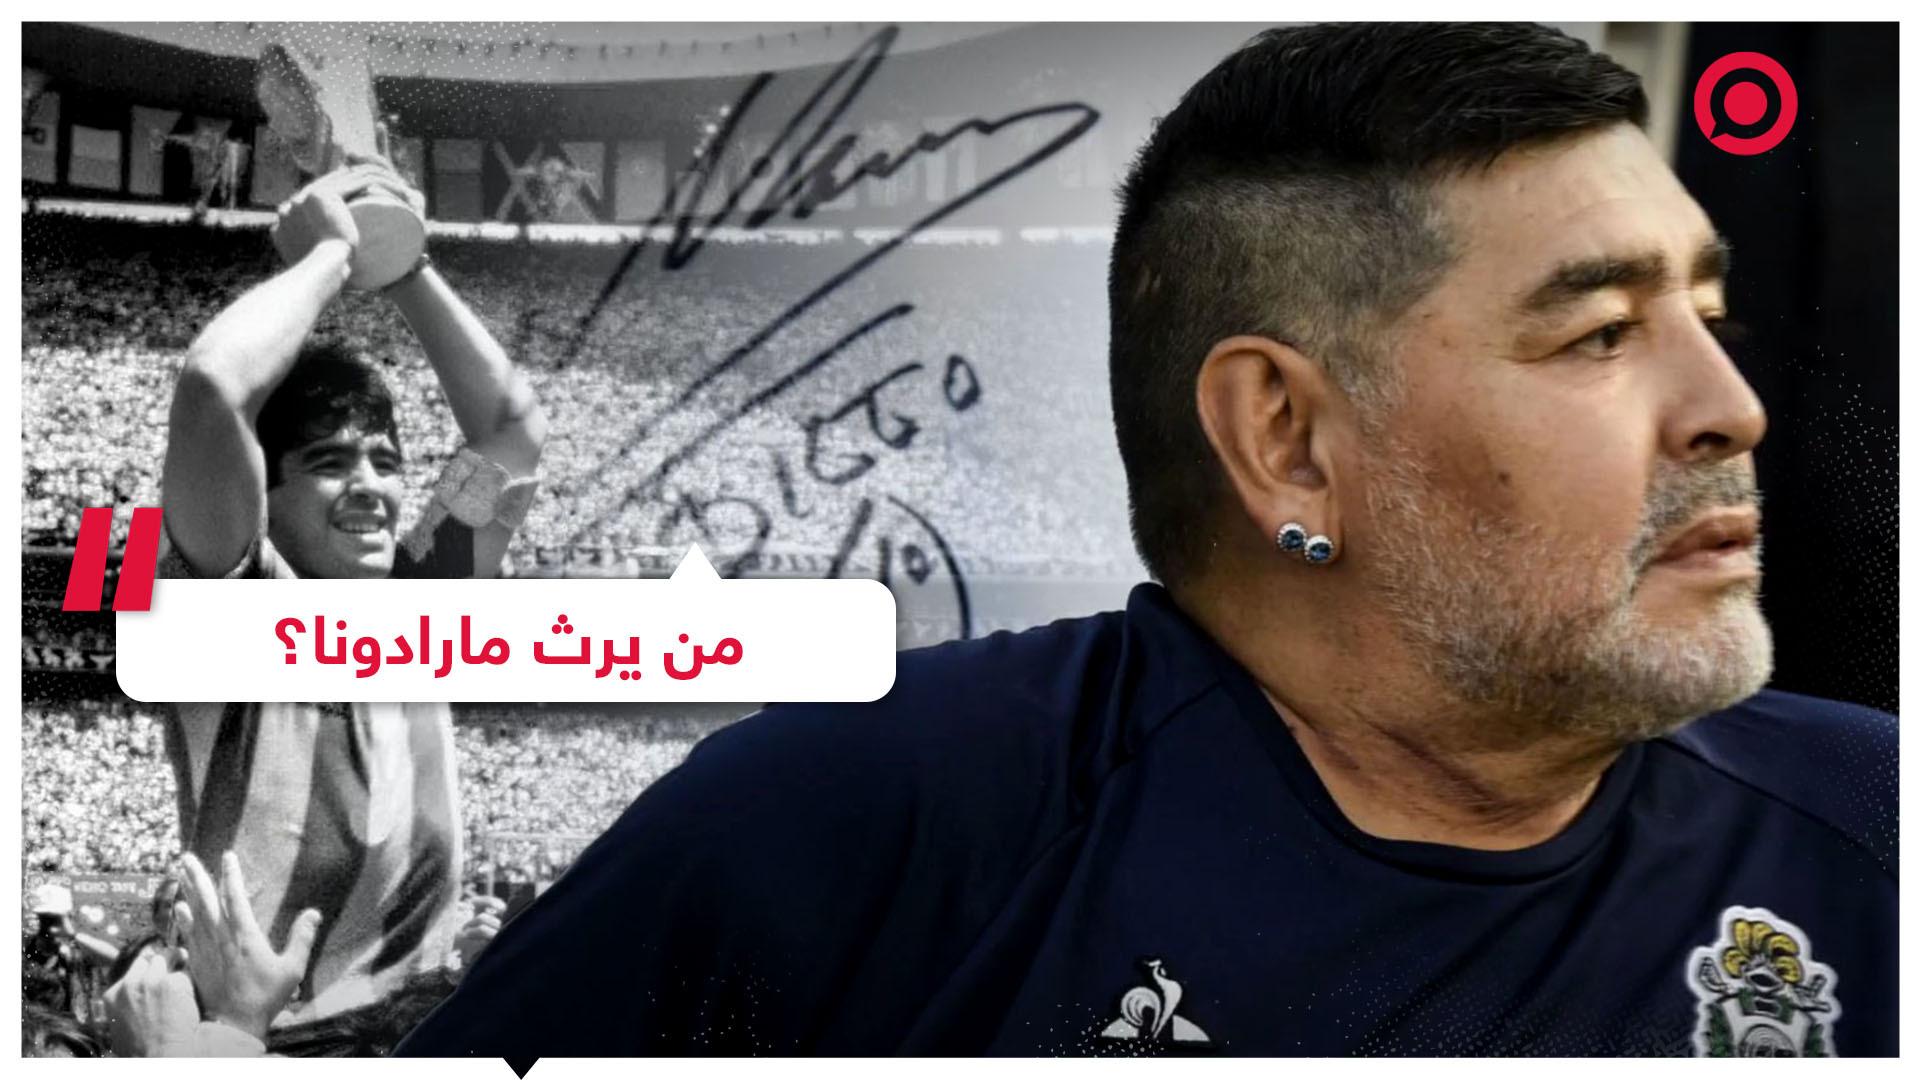 مارادونا كأس العالم الأرجنتين